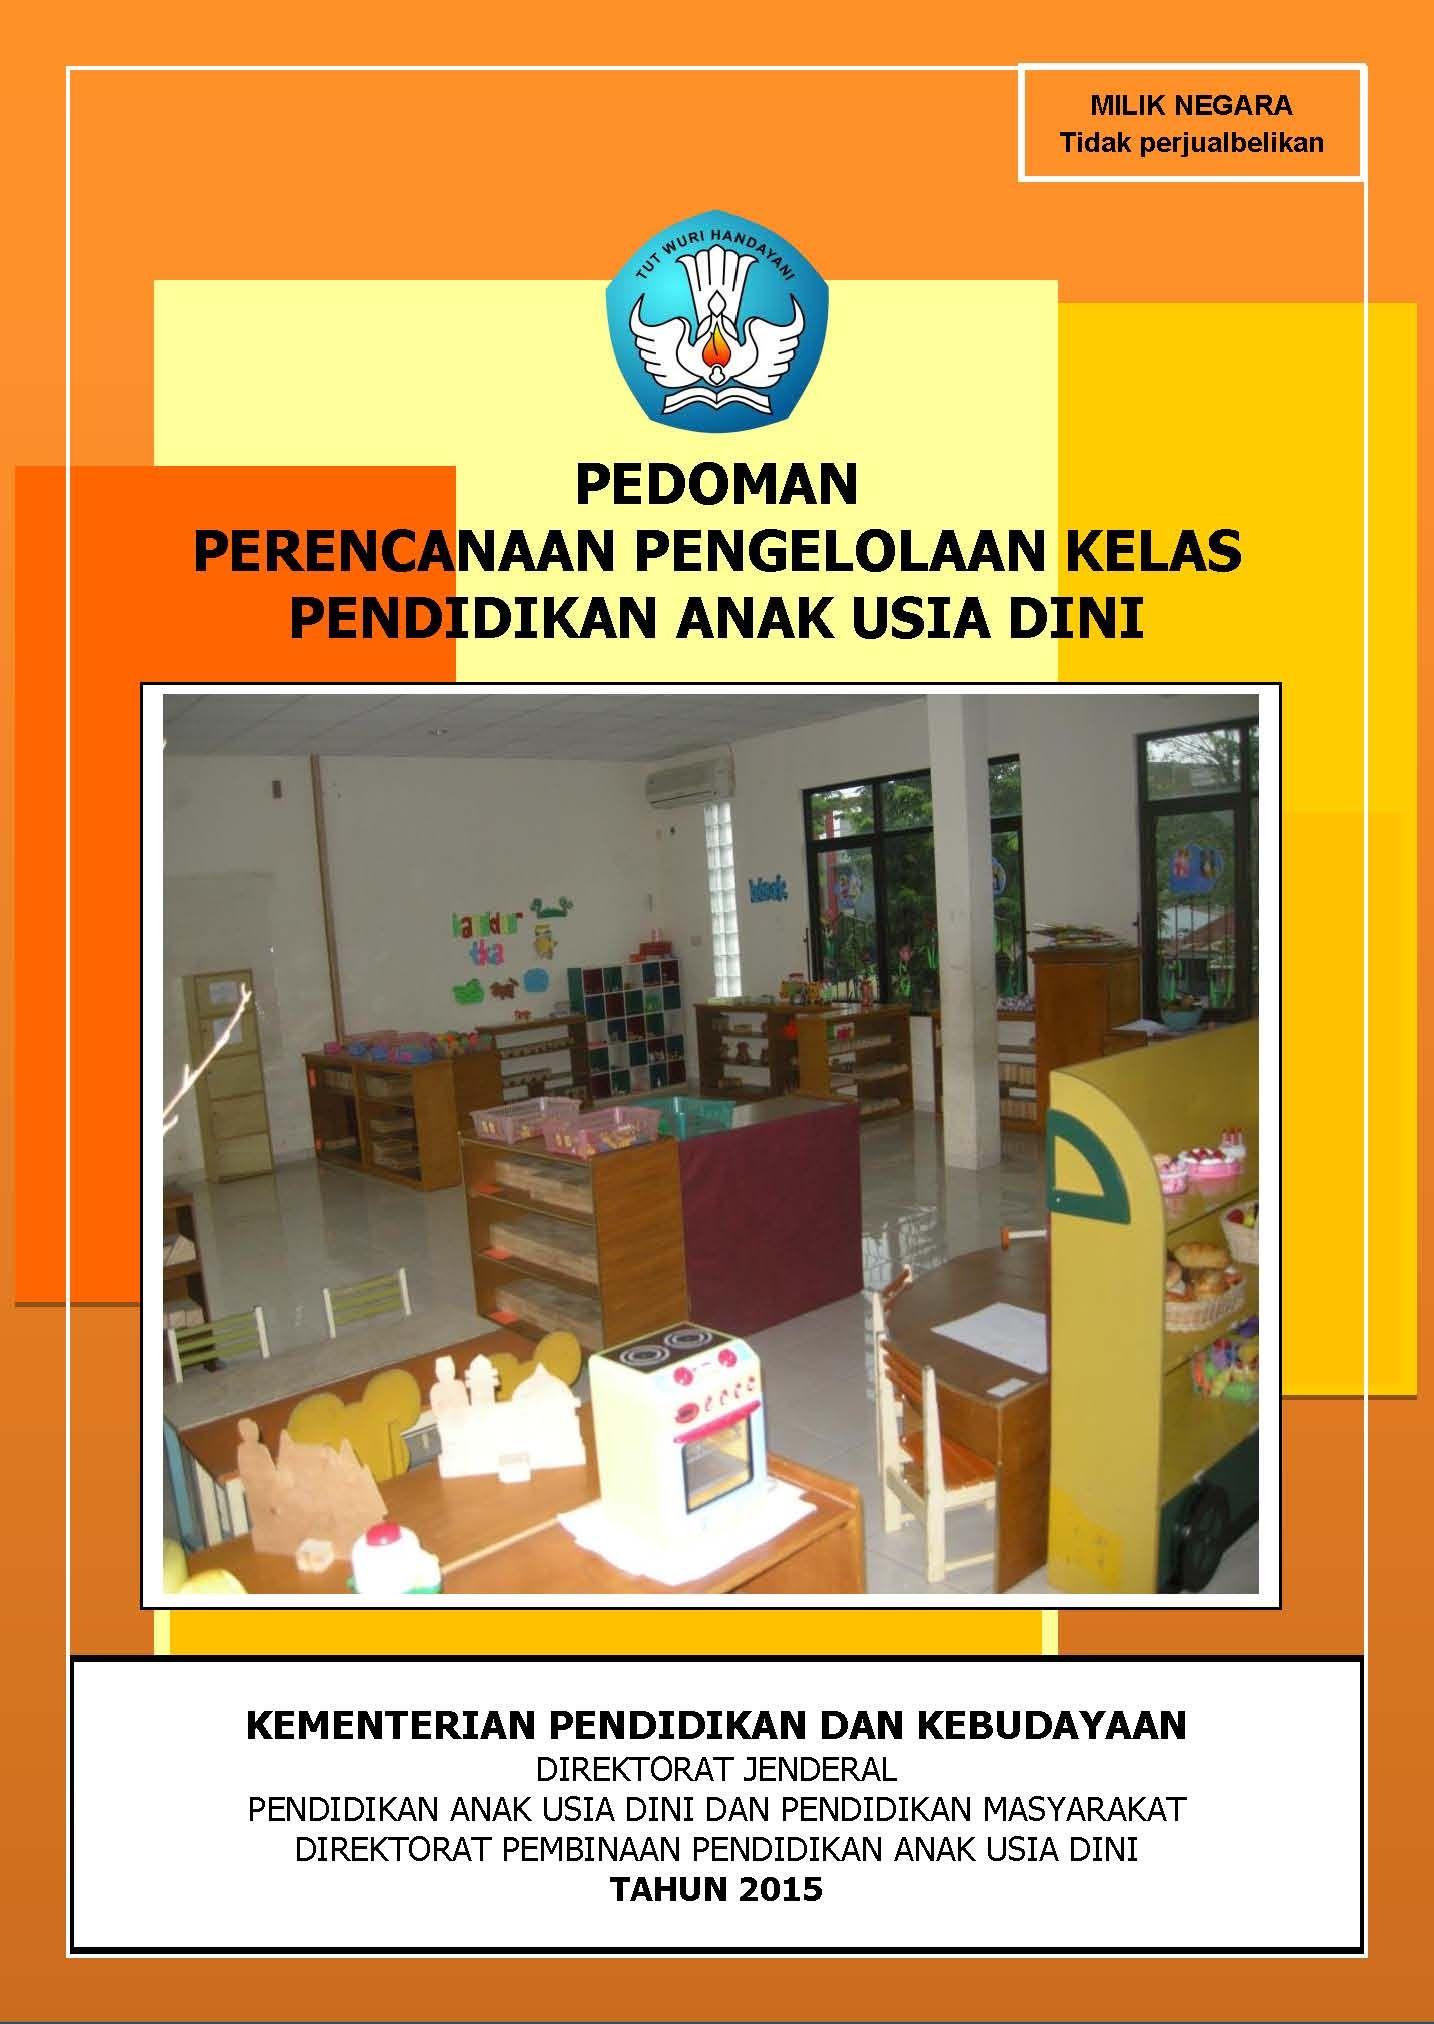 Download Pedoman Perencanaan Pengelolaan Kelas Paud Kurikulum 2013 Kurikulum Pendidikan Anak Usia Dini Perencanaan